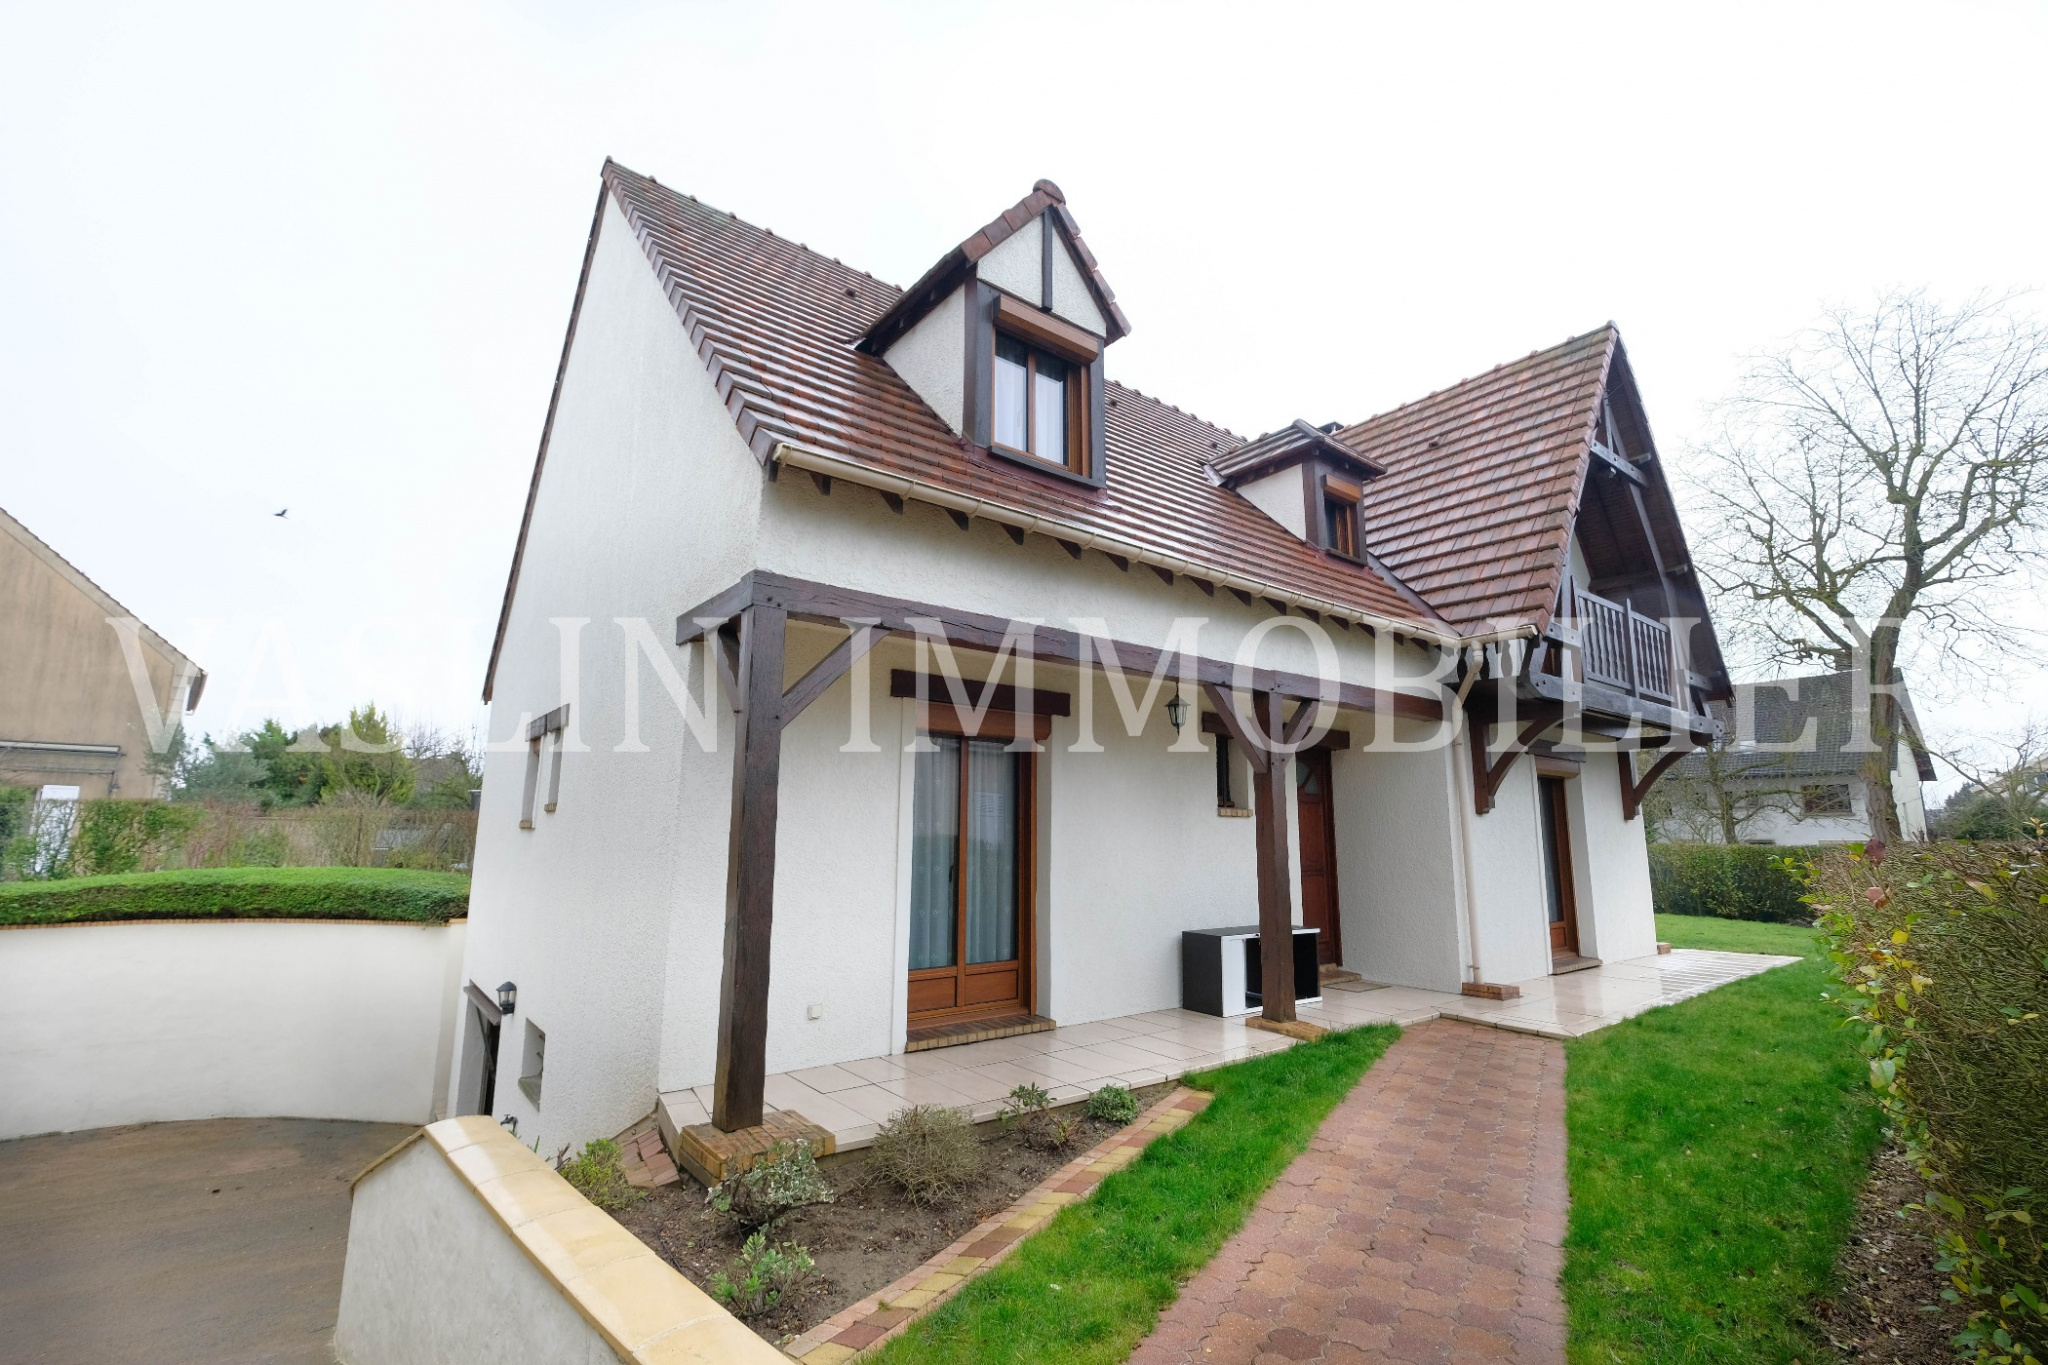 Vente maison cormeilles en parisis 95240 sur le partenaire for Achat maison cormeilles en parisis